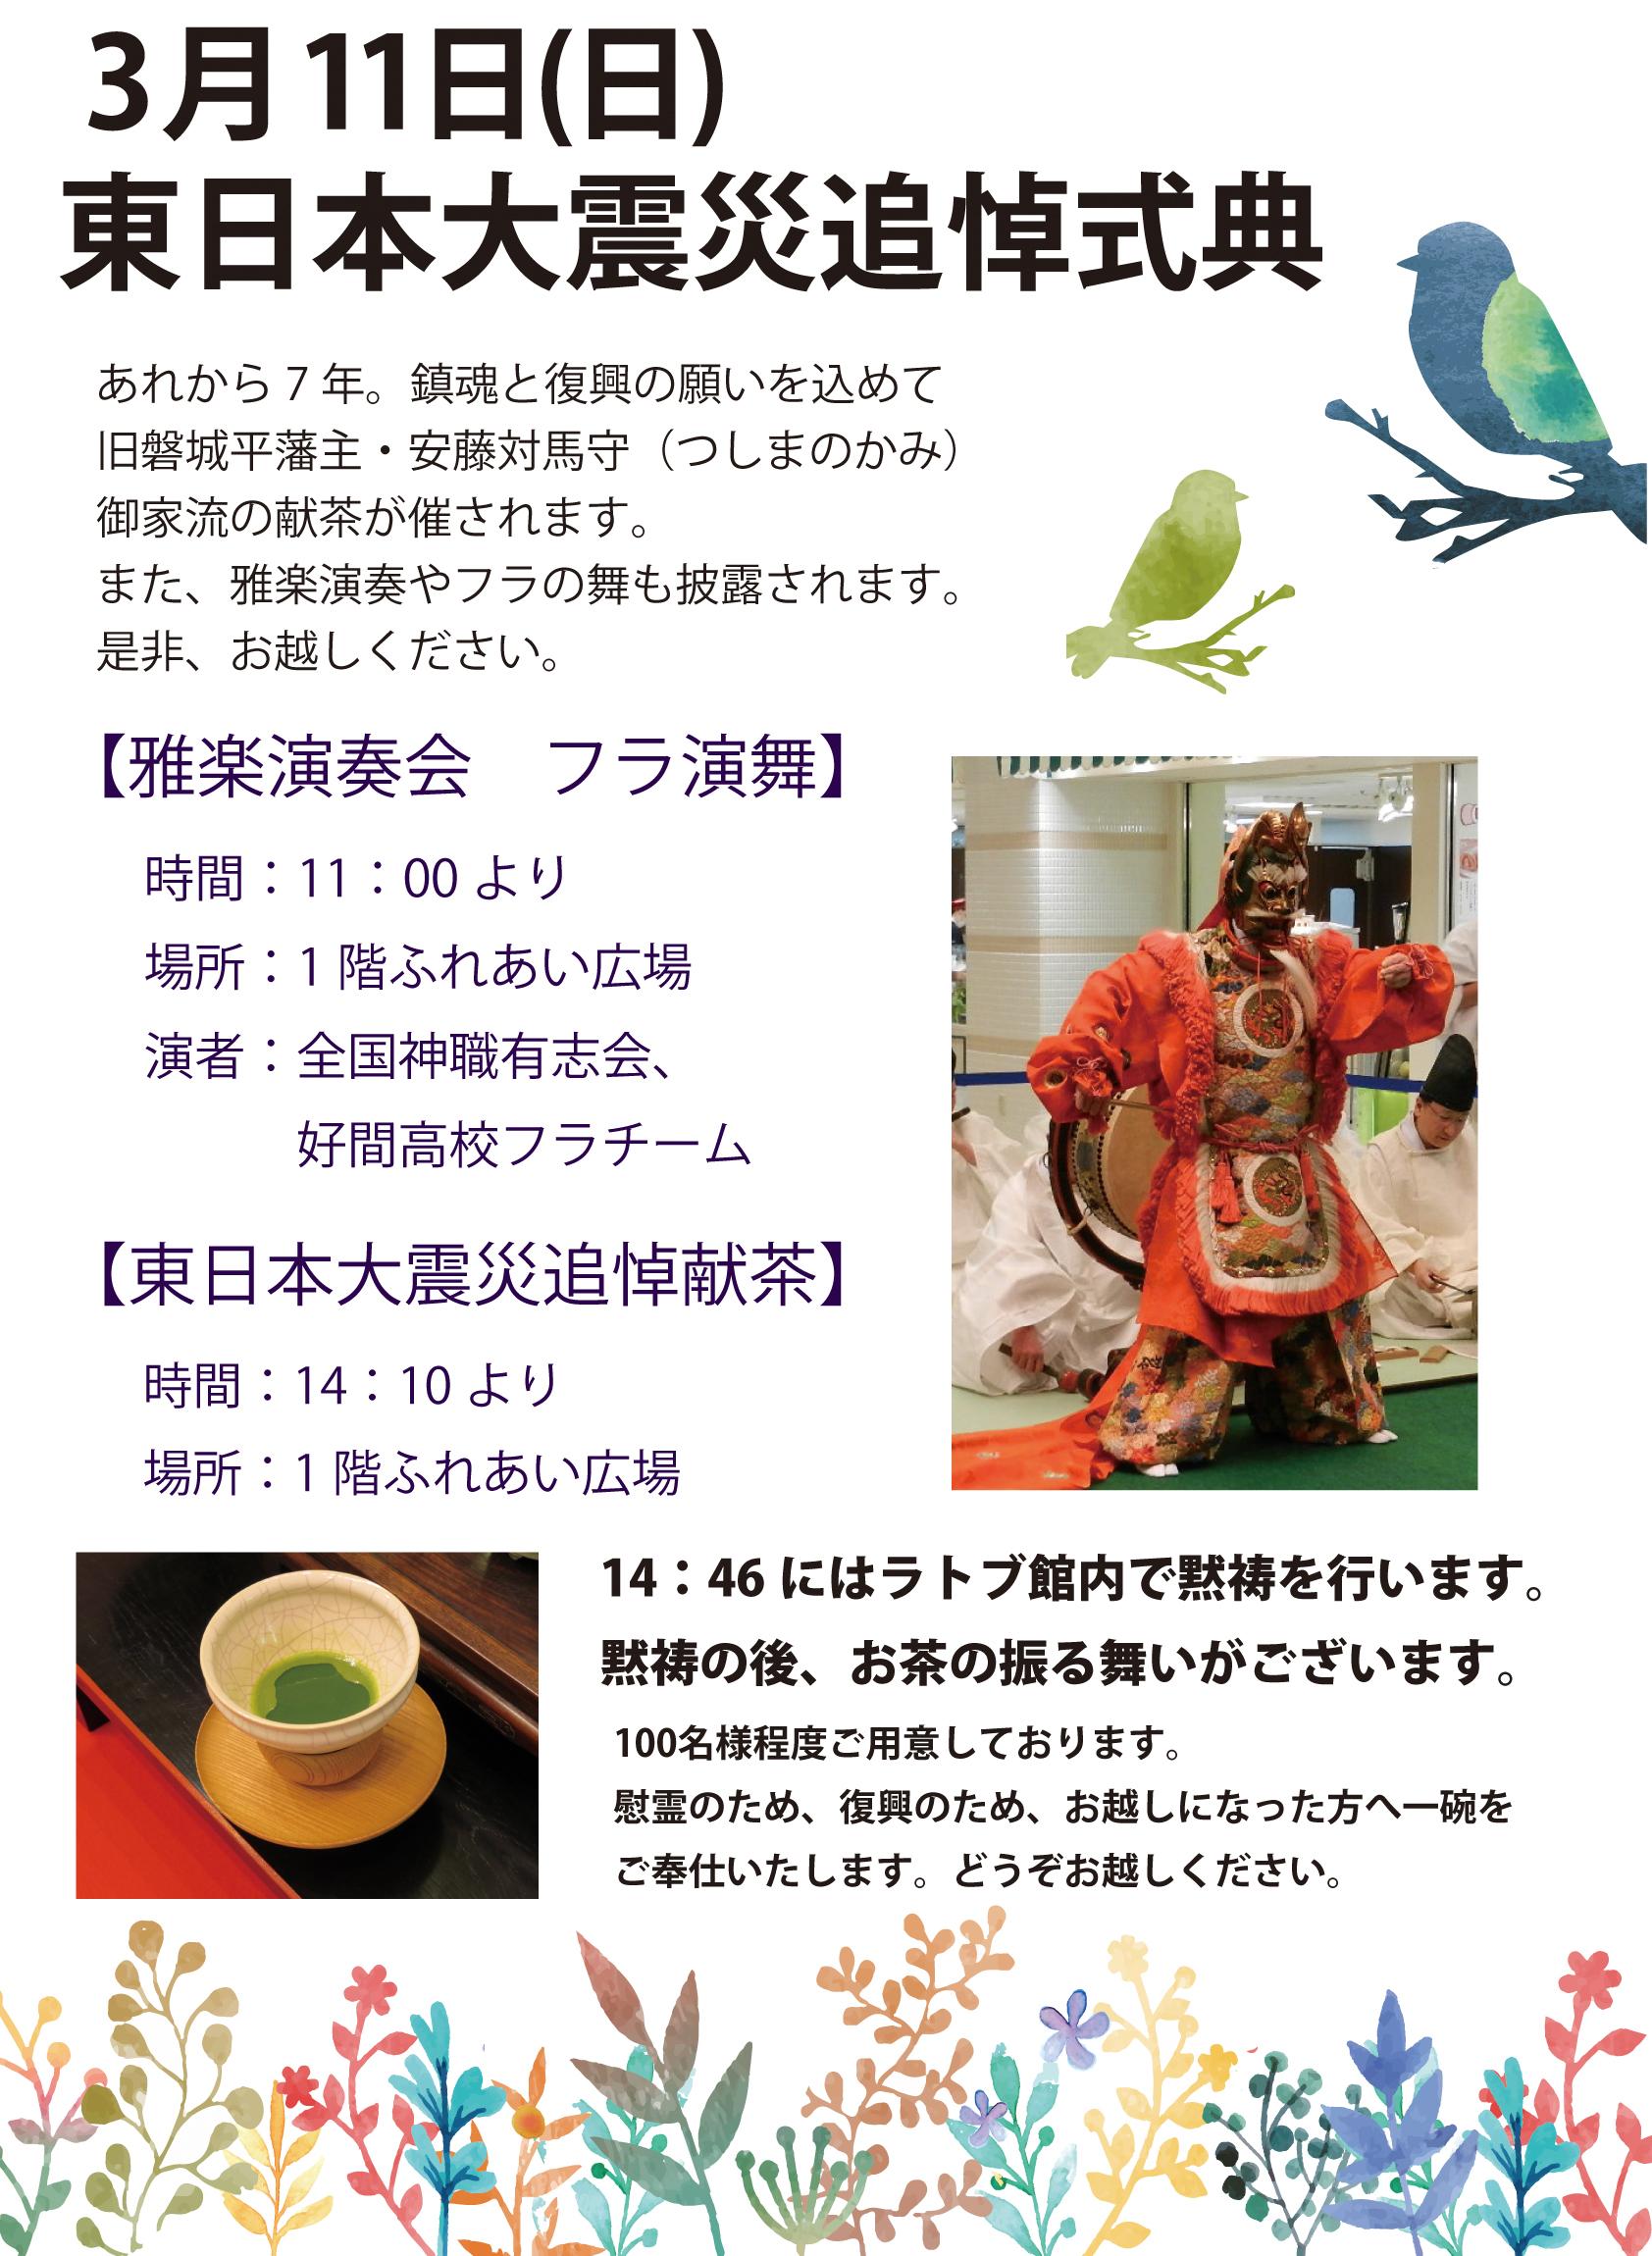 3.11 東日本大震災追悼式典